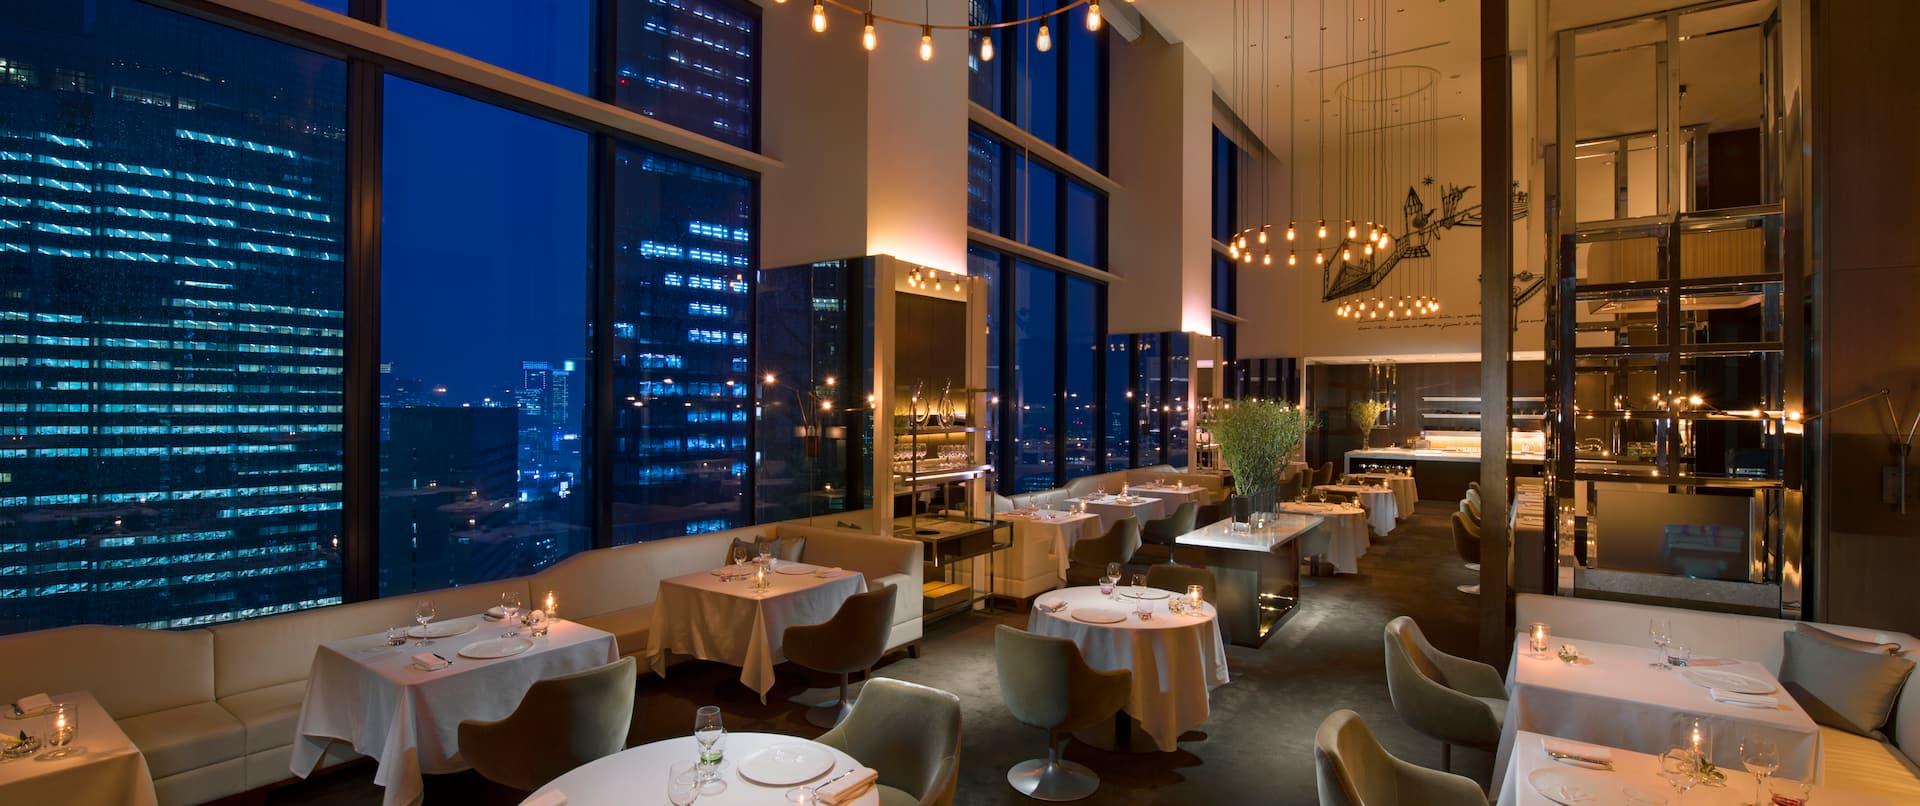 Collage Restaurant